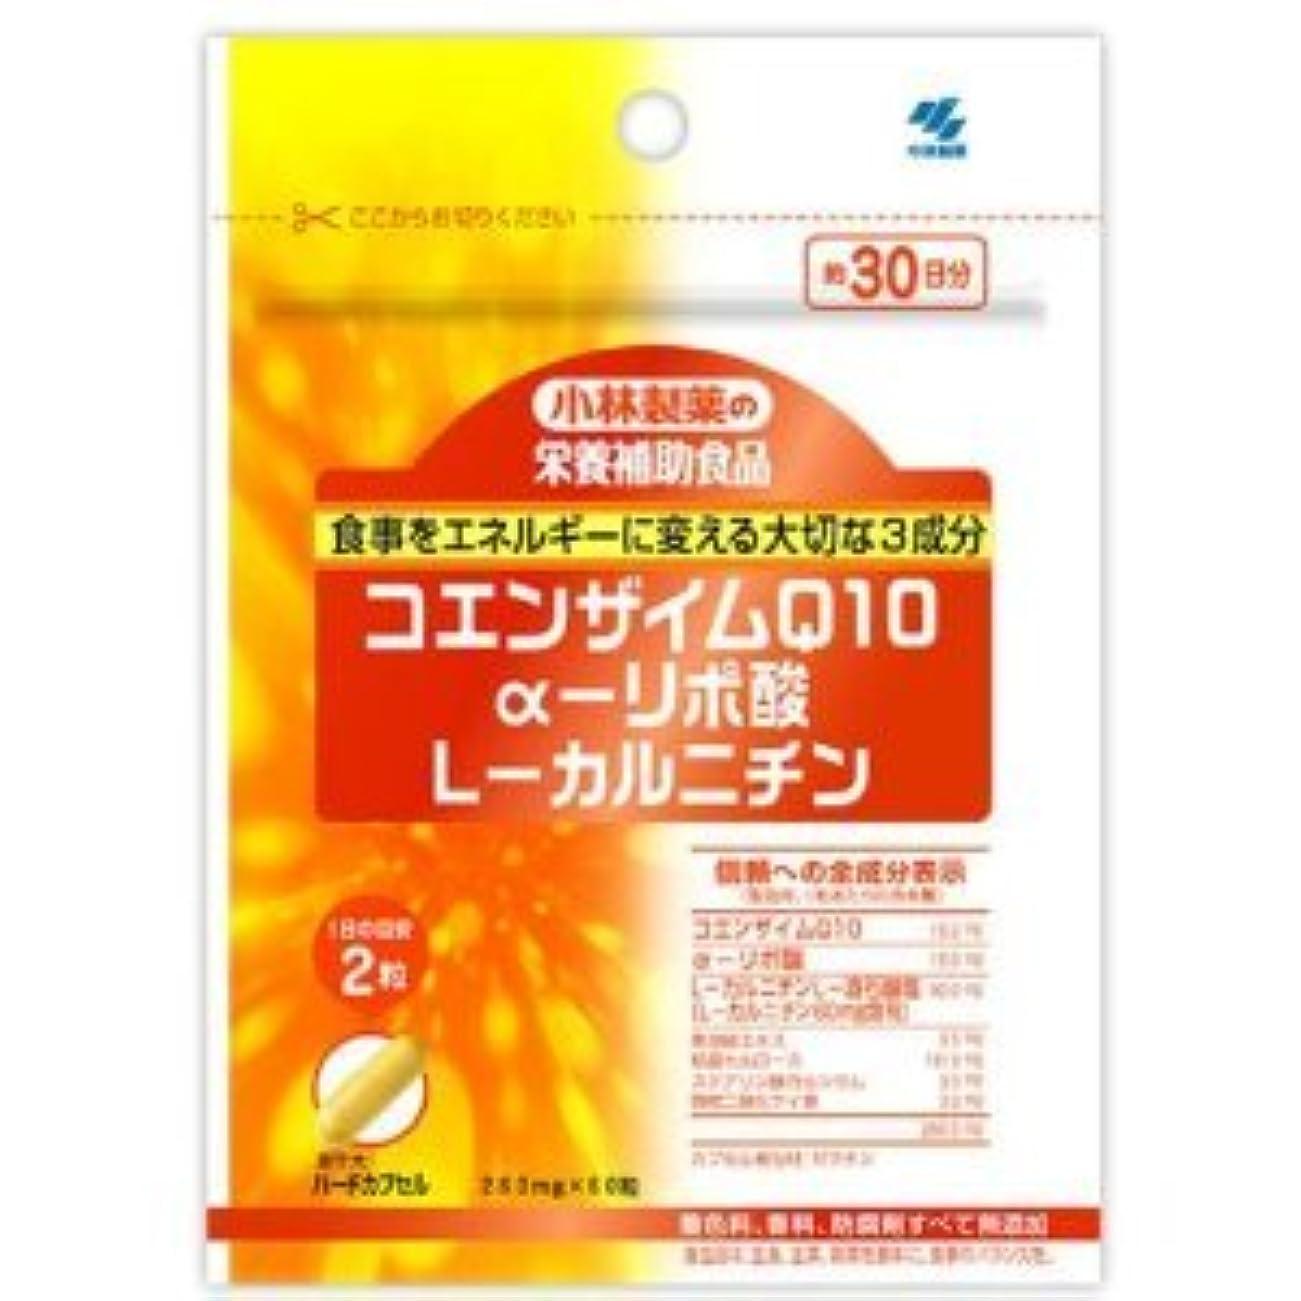 あいまい刑務所靴小林製薬の栄養補助食品 コエンザイムQ10 αリポ酸 L-カルニチン 60粒 3個セット